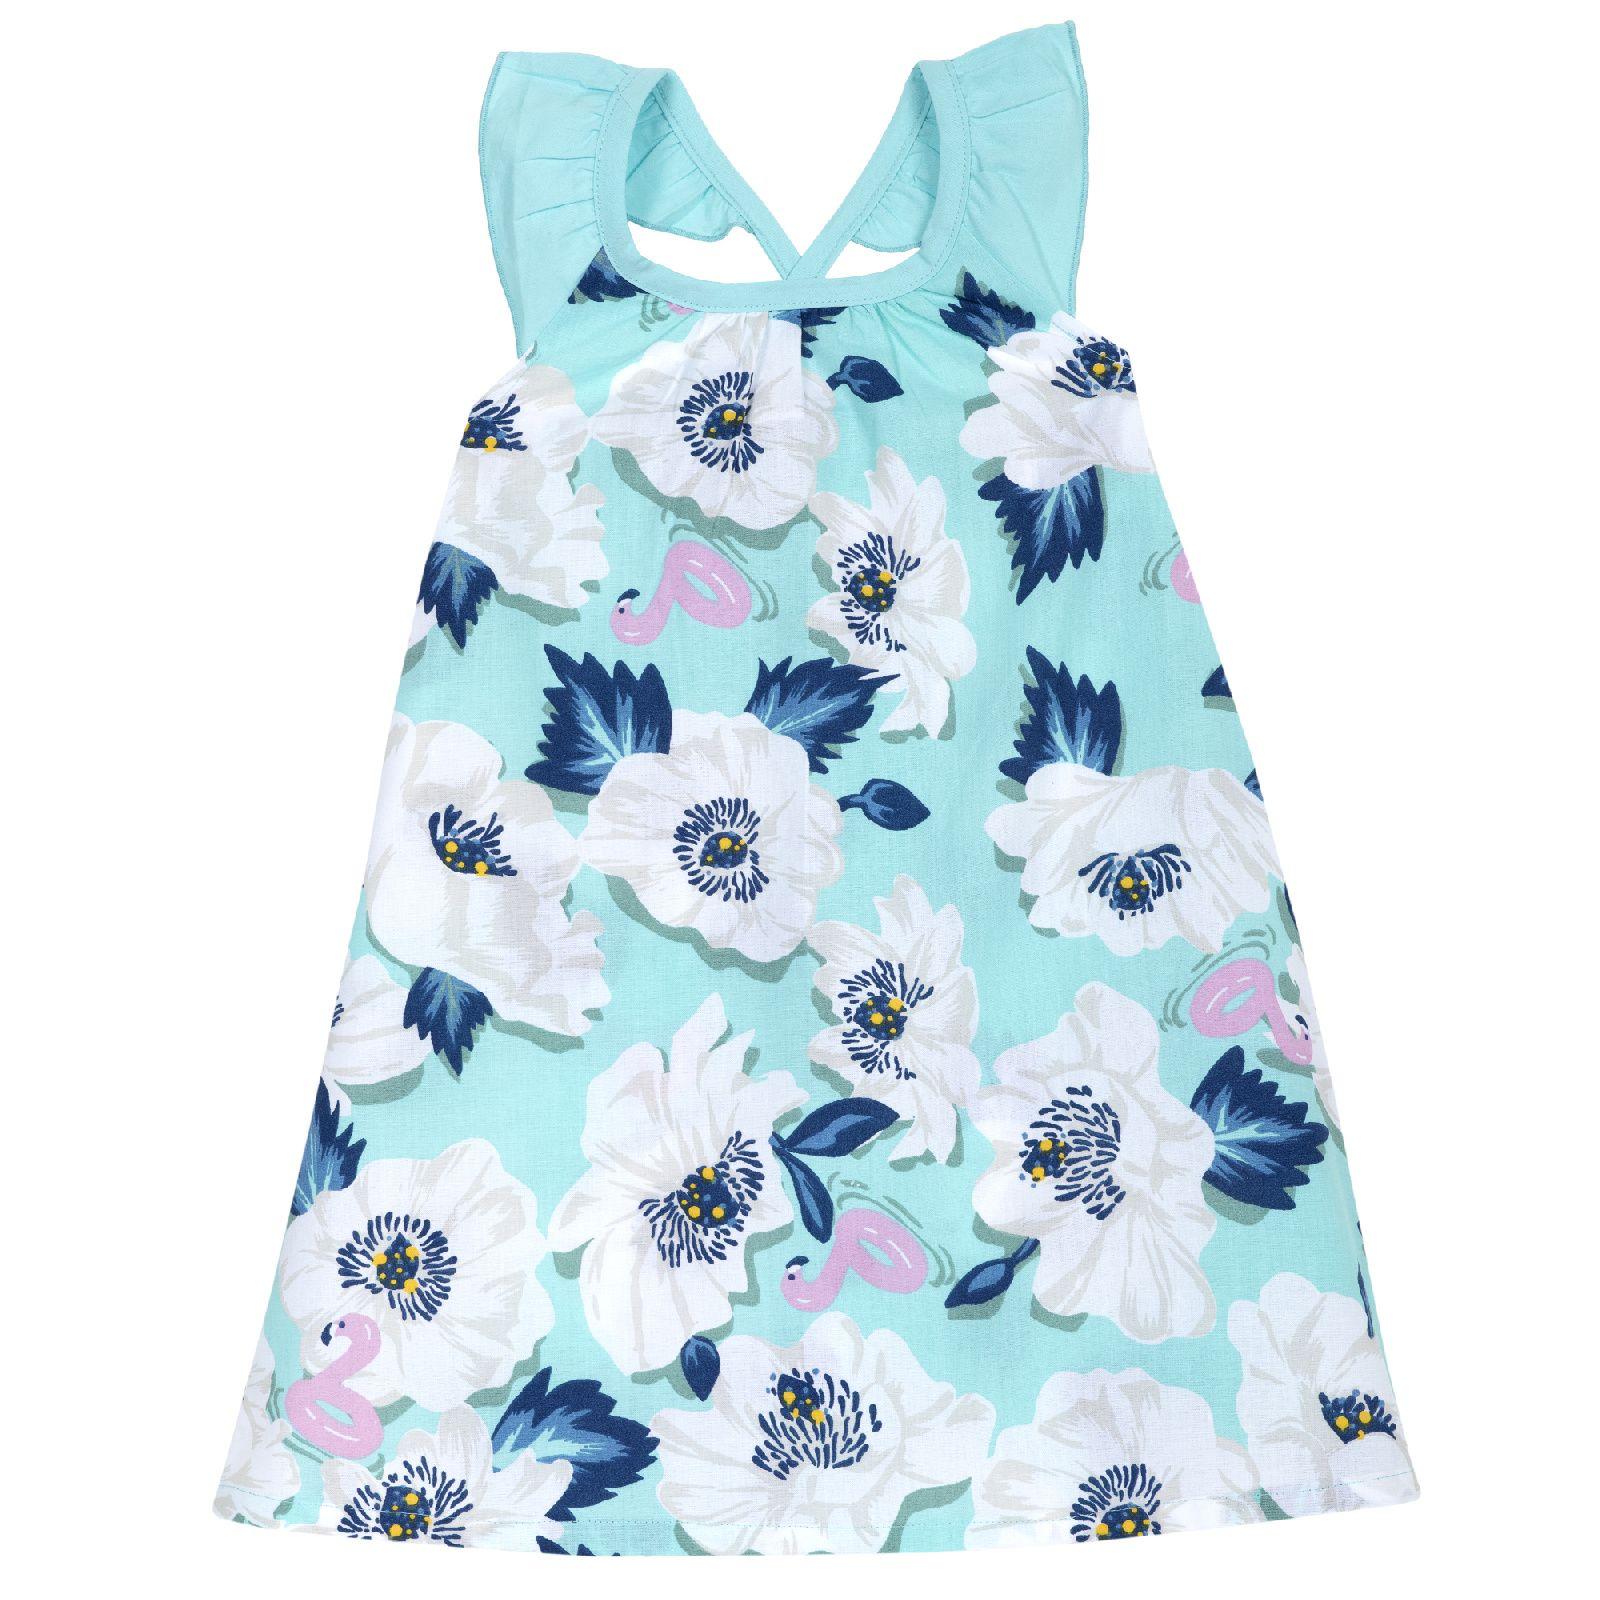 Купить 09003468, Платье Chicco р.116, Цветы, цвет бело-голубой, Платья для девочек